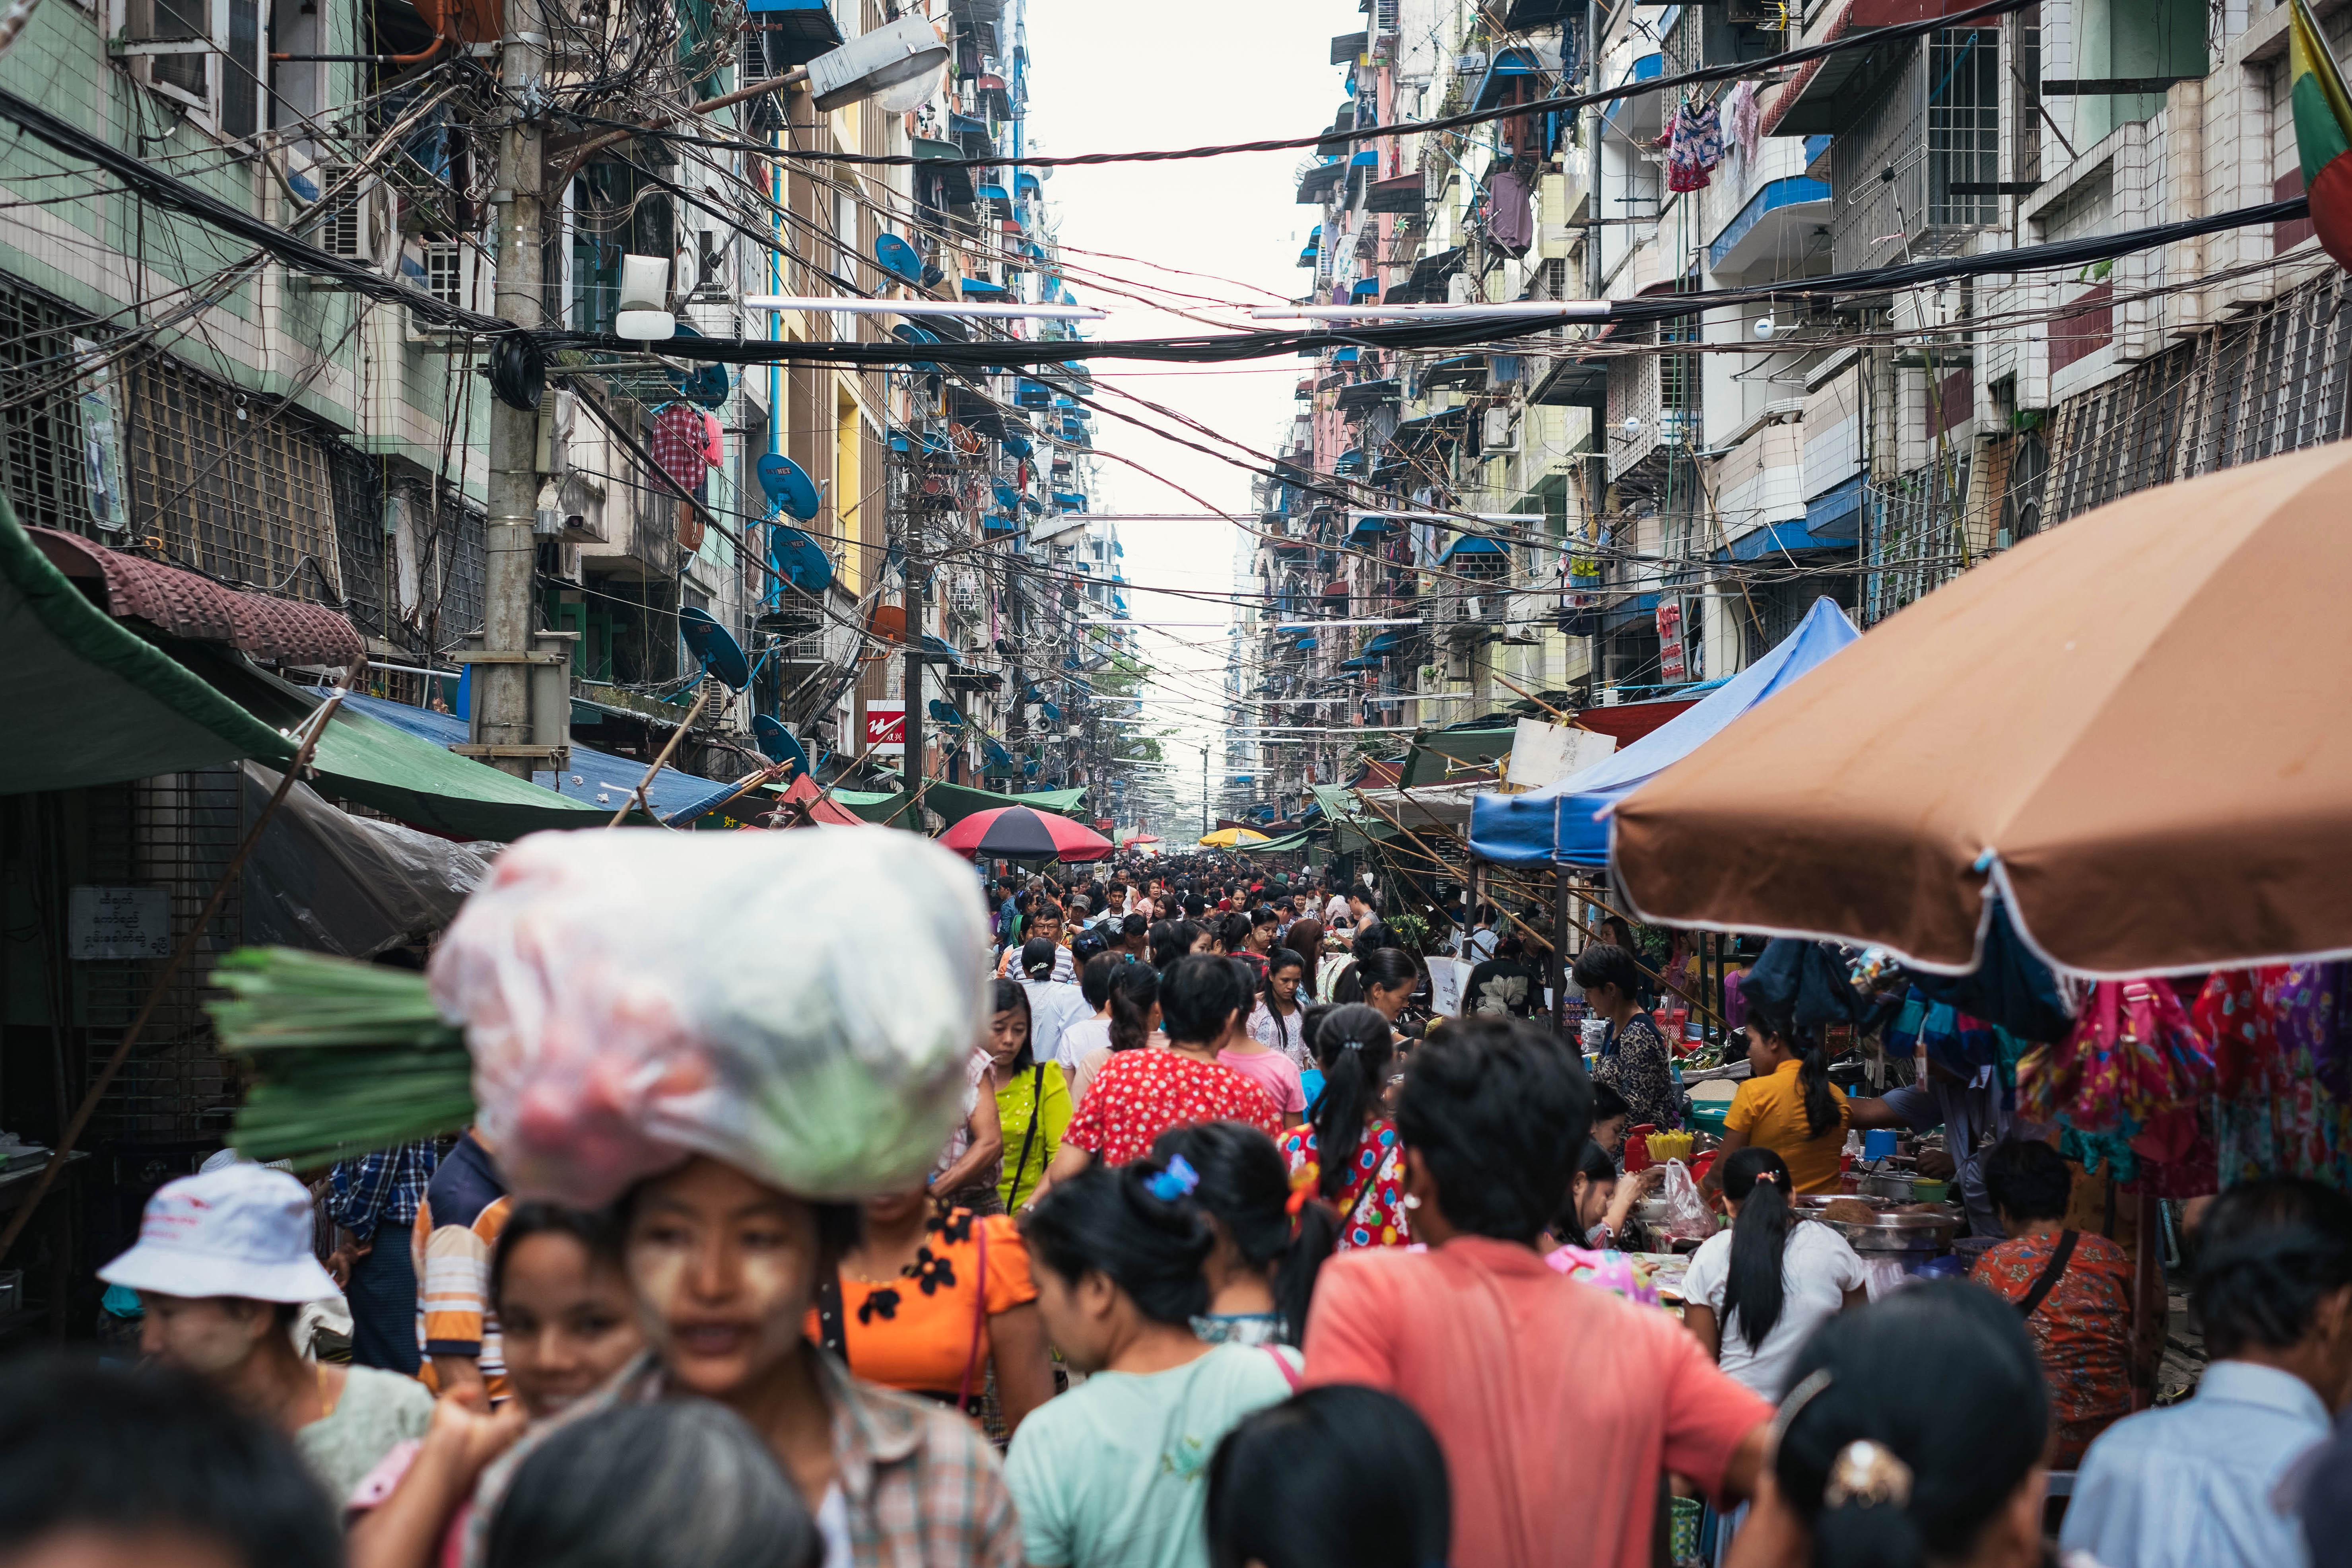 実際に訪れて感じたヤンゴンの魅力【ミャンマー旅行記③】